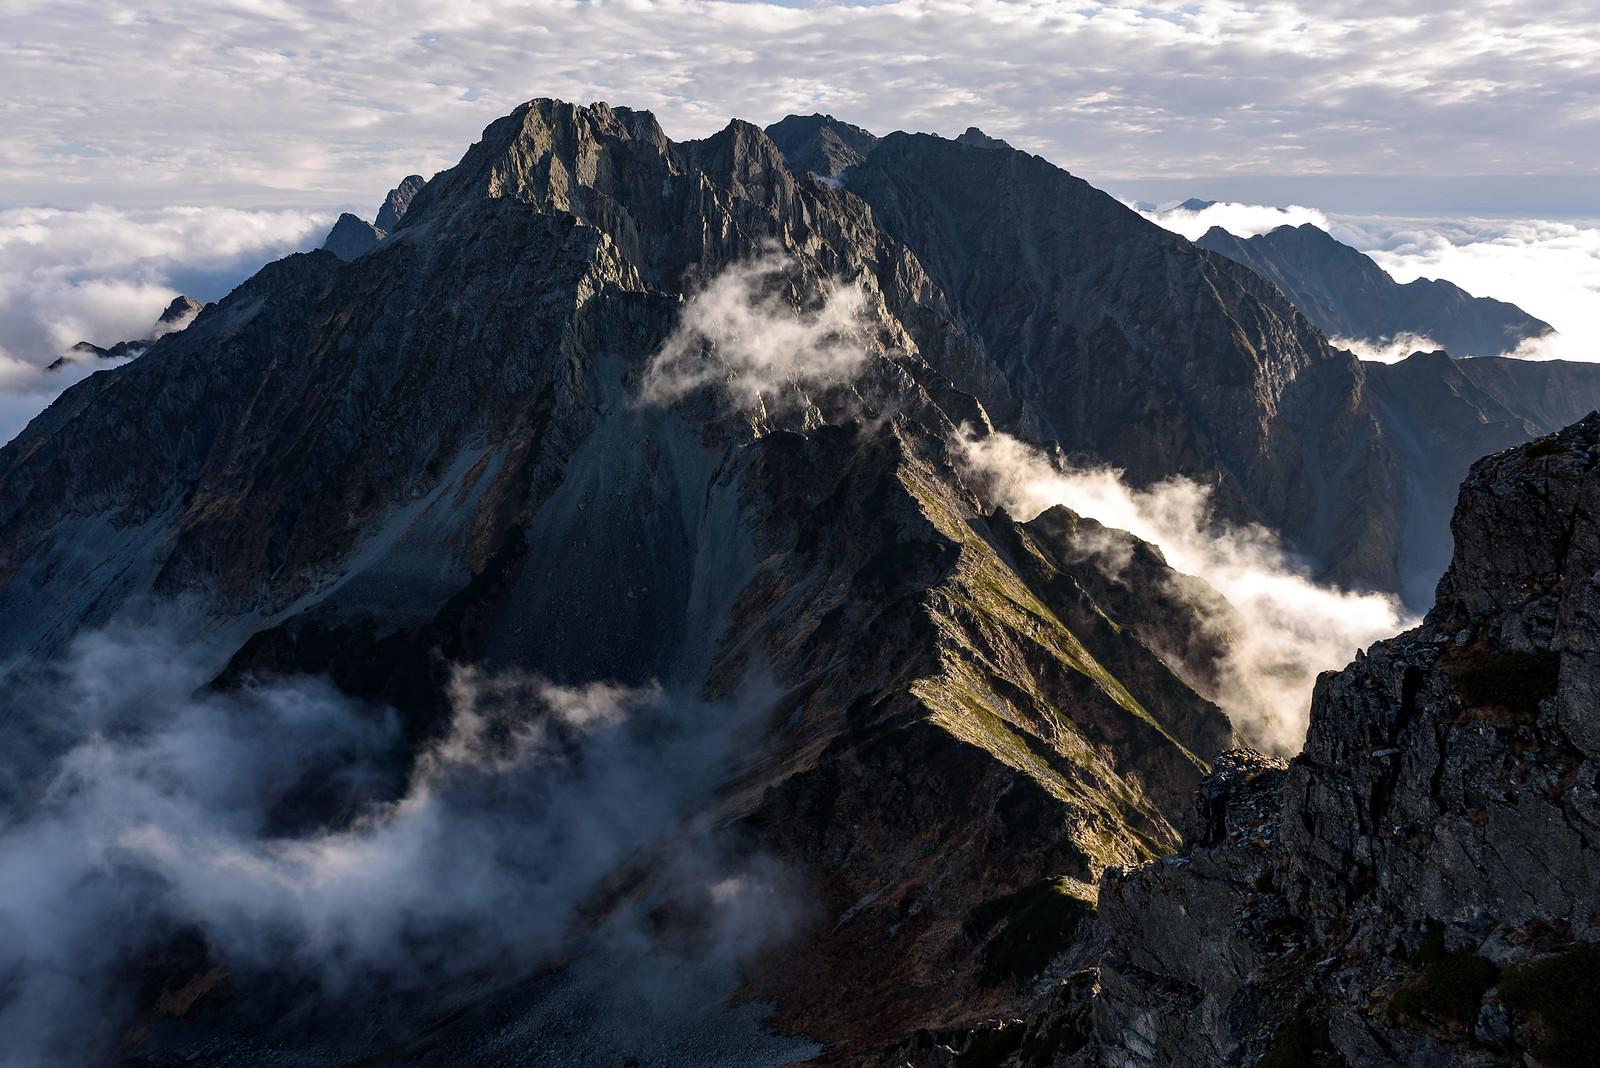 山岳写真のはじめ方:登山で写真を撮るための手順と気を付けるべきポイントとは?